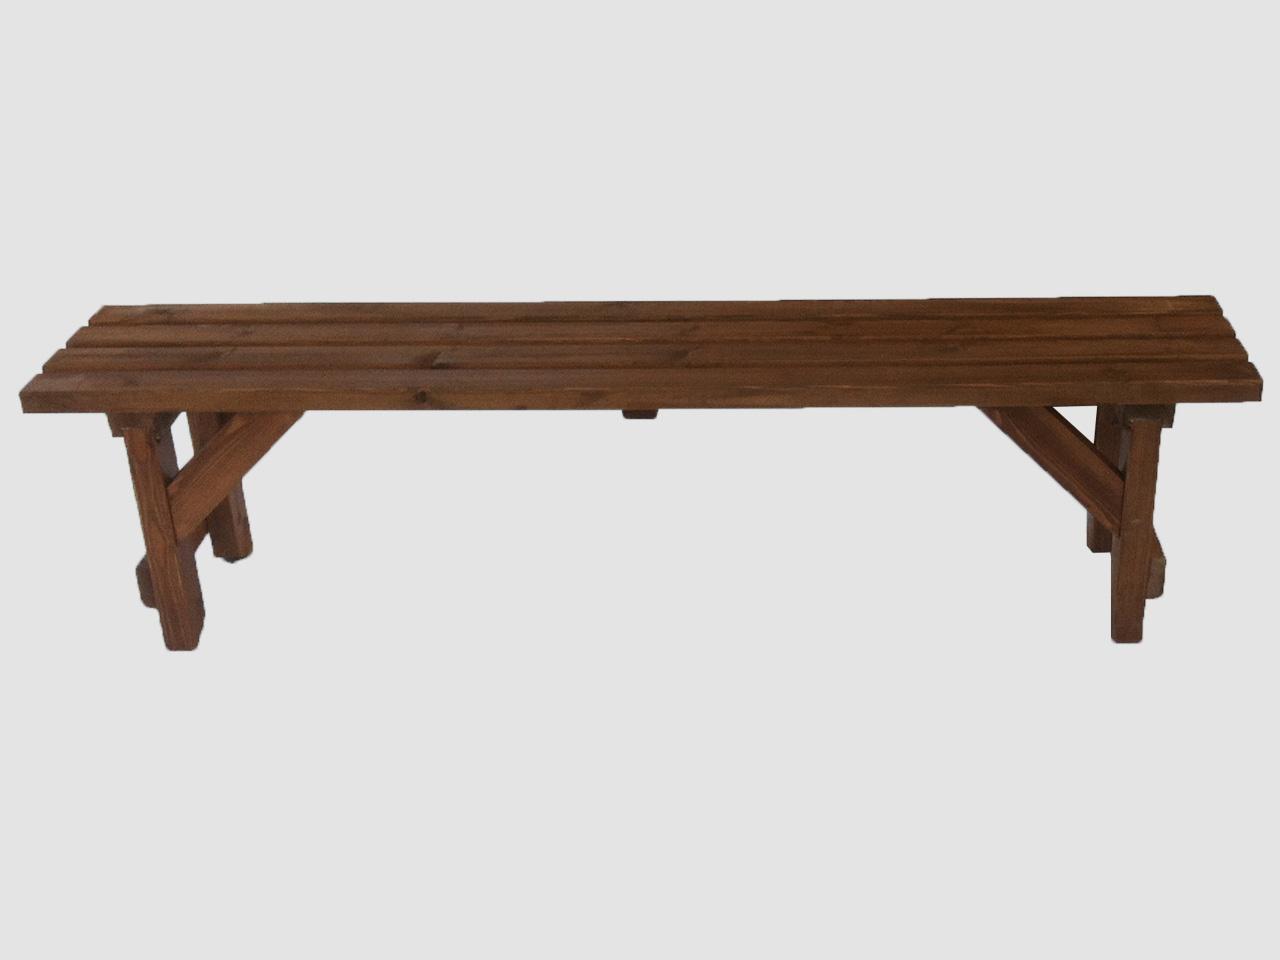 Ξύλινο παγκάκι χαμηλό – Κωδ: 16-09